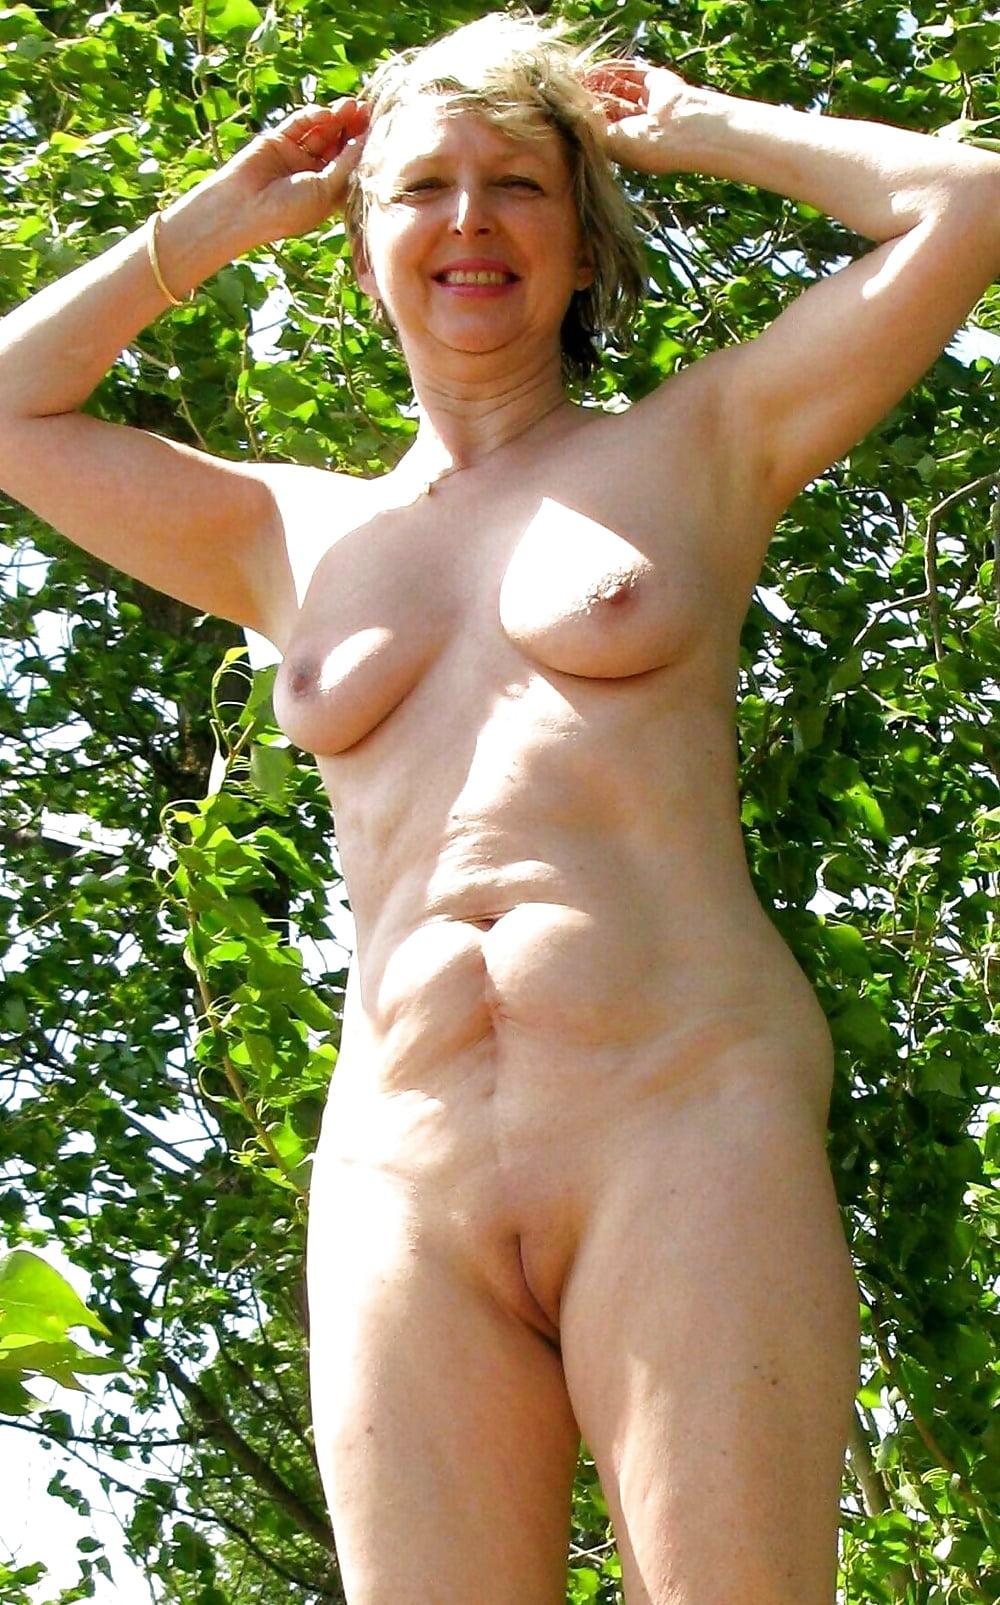 naked-granny-outside-pics